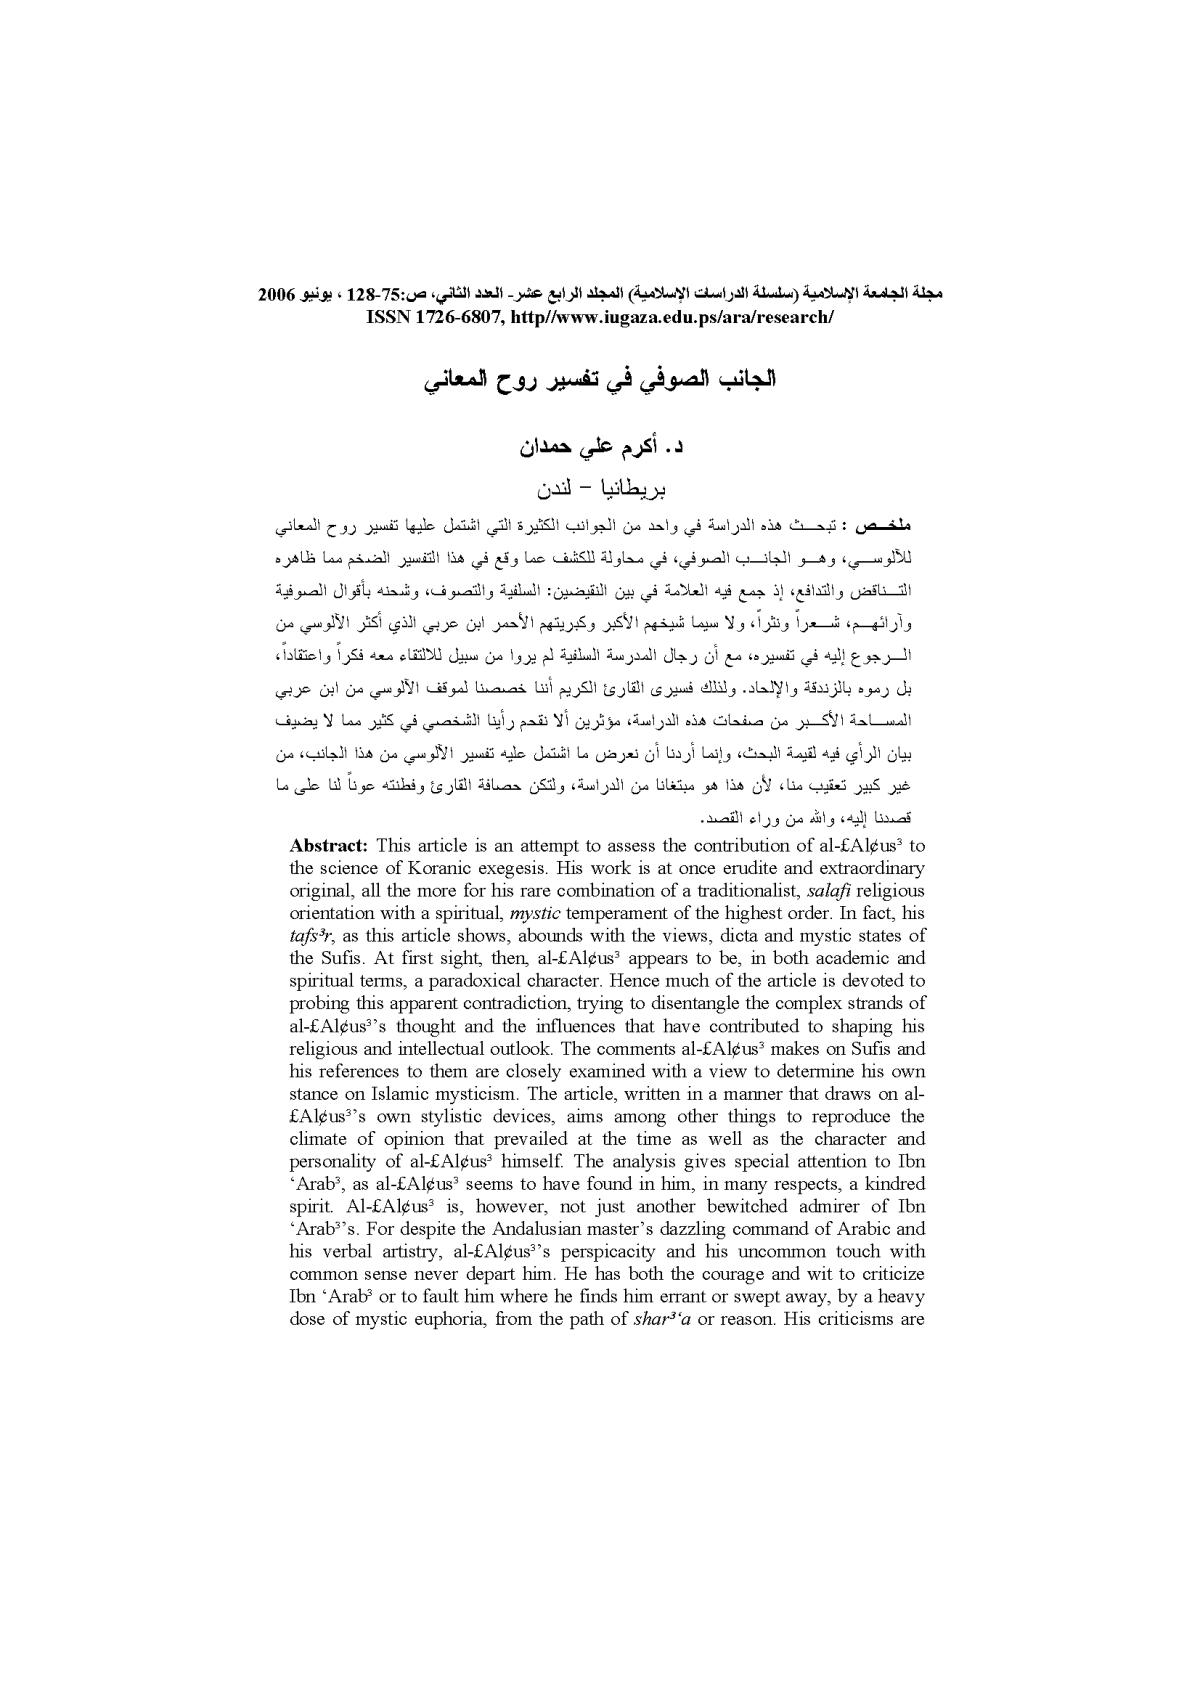 الجانب الصوفي في تفسير روح المعاني